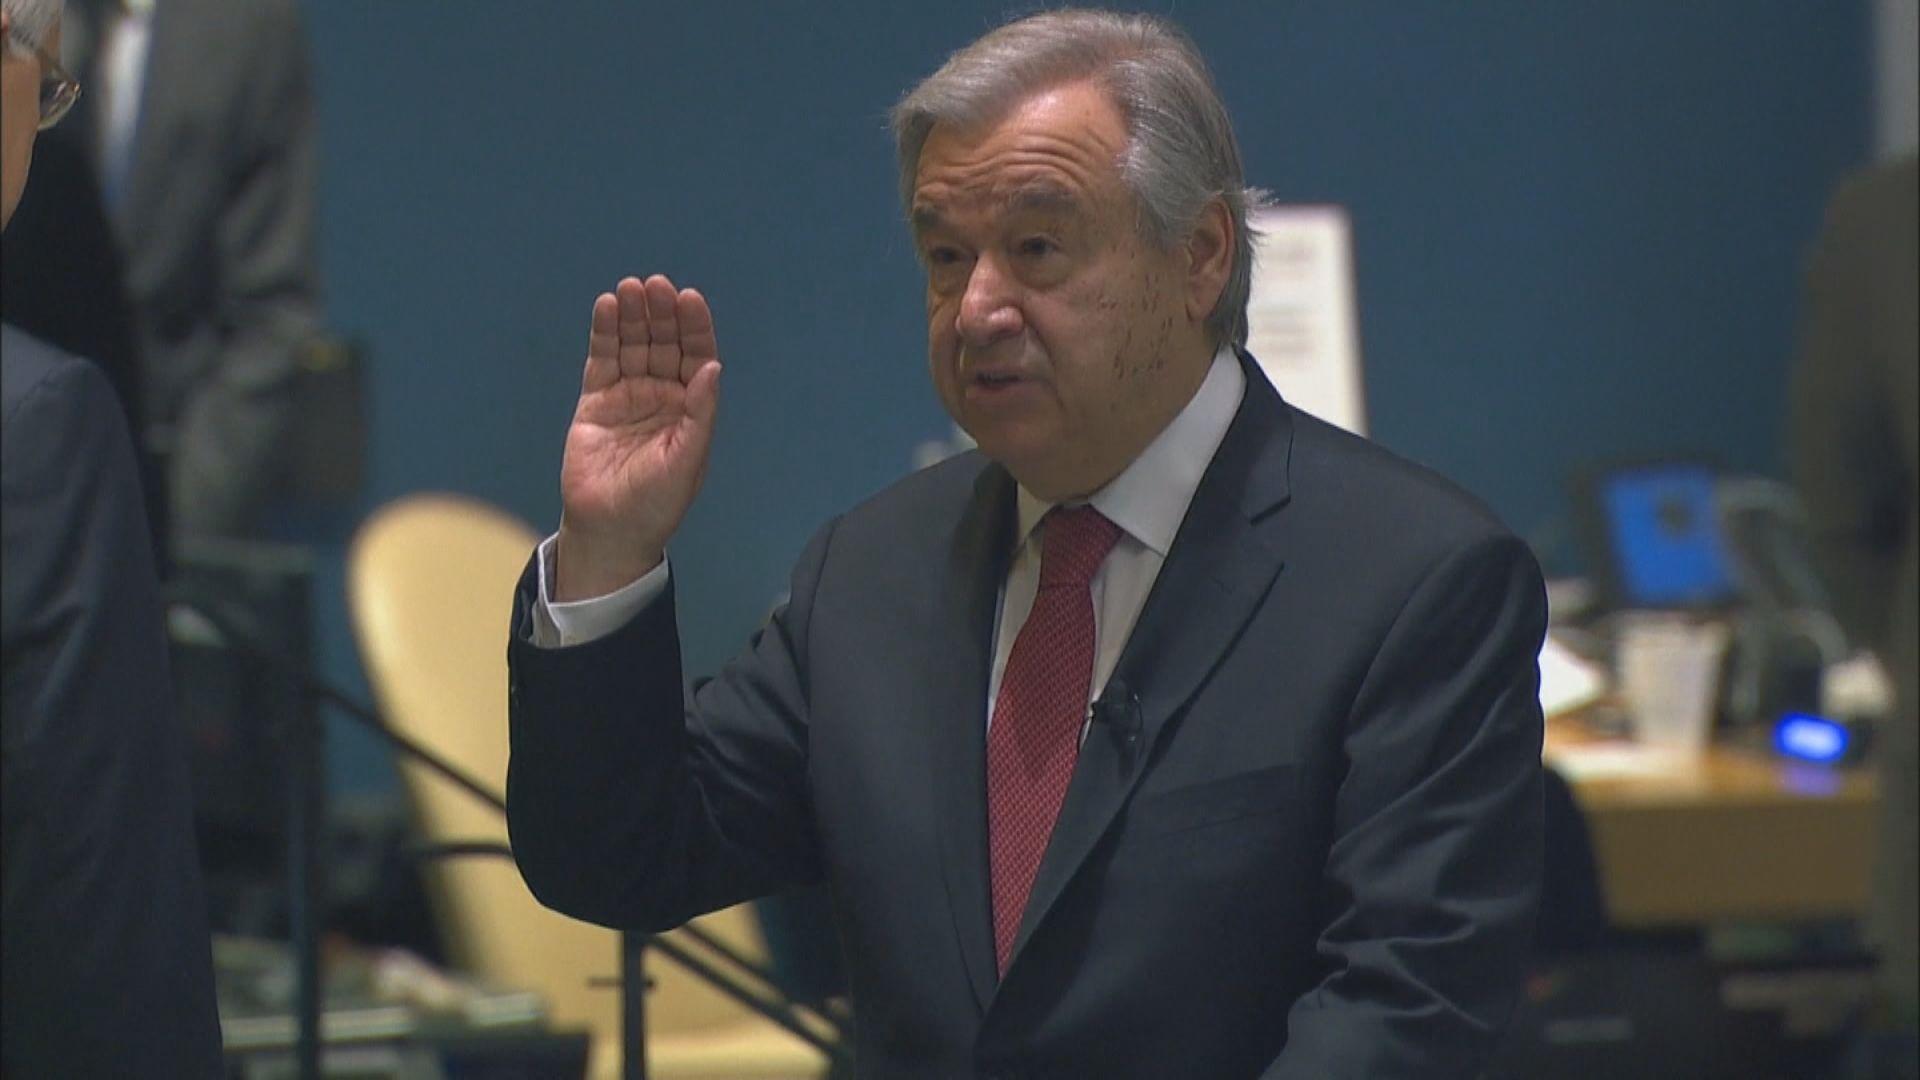 古特雷斯成功連任聯合國秘書長